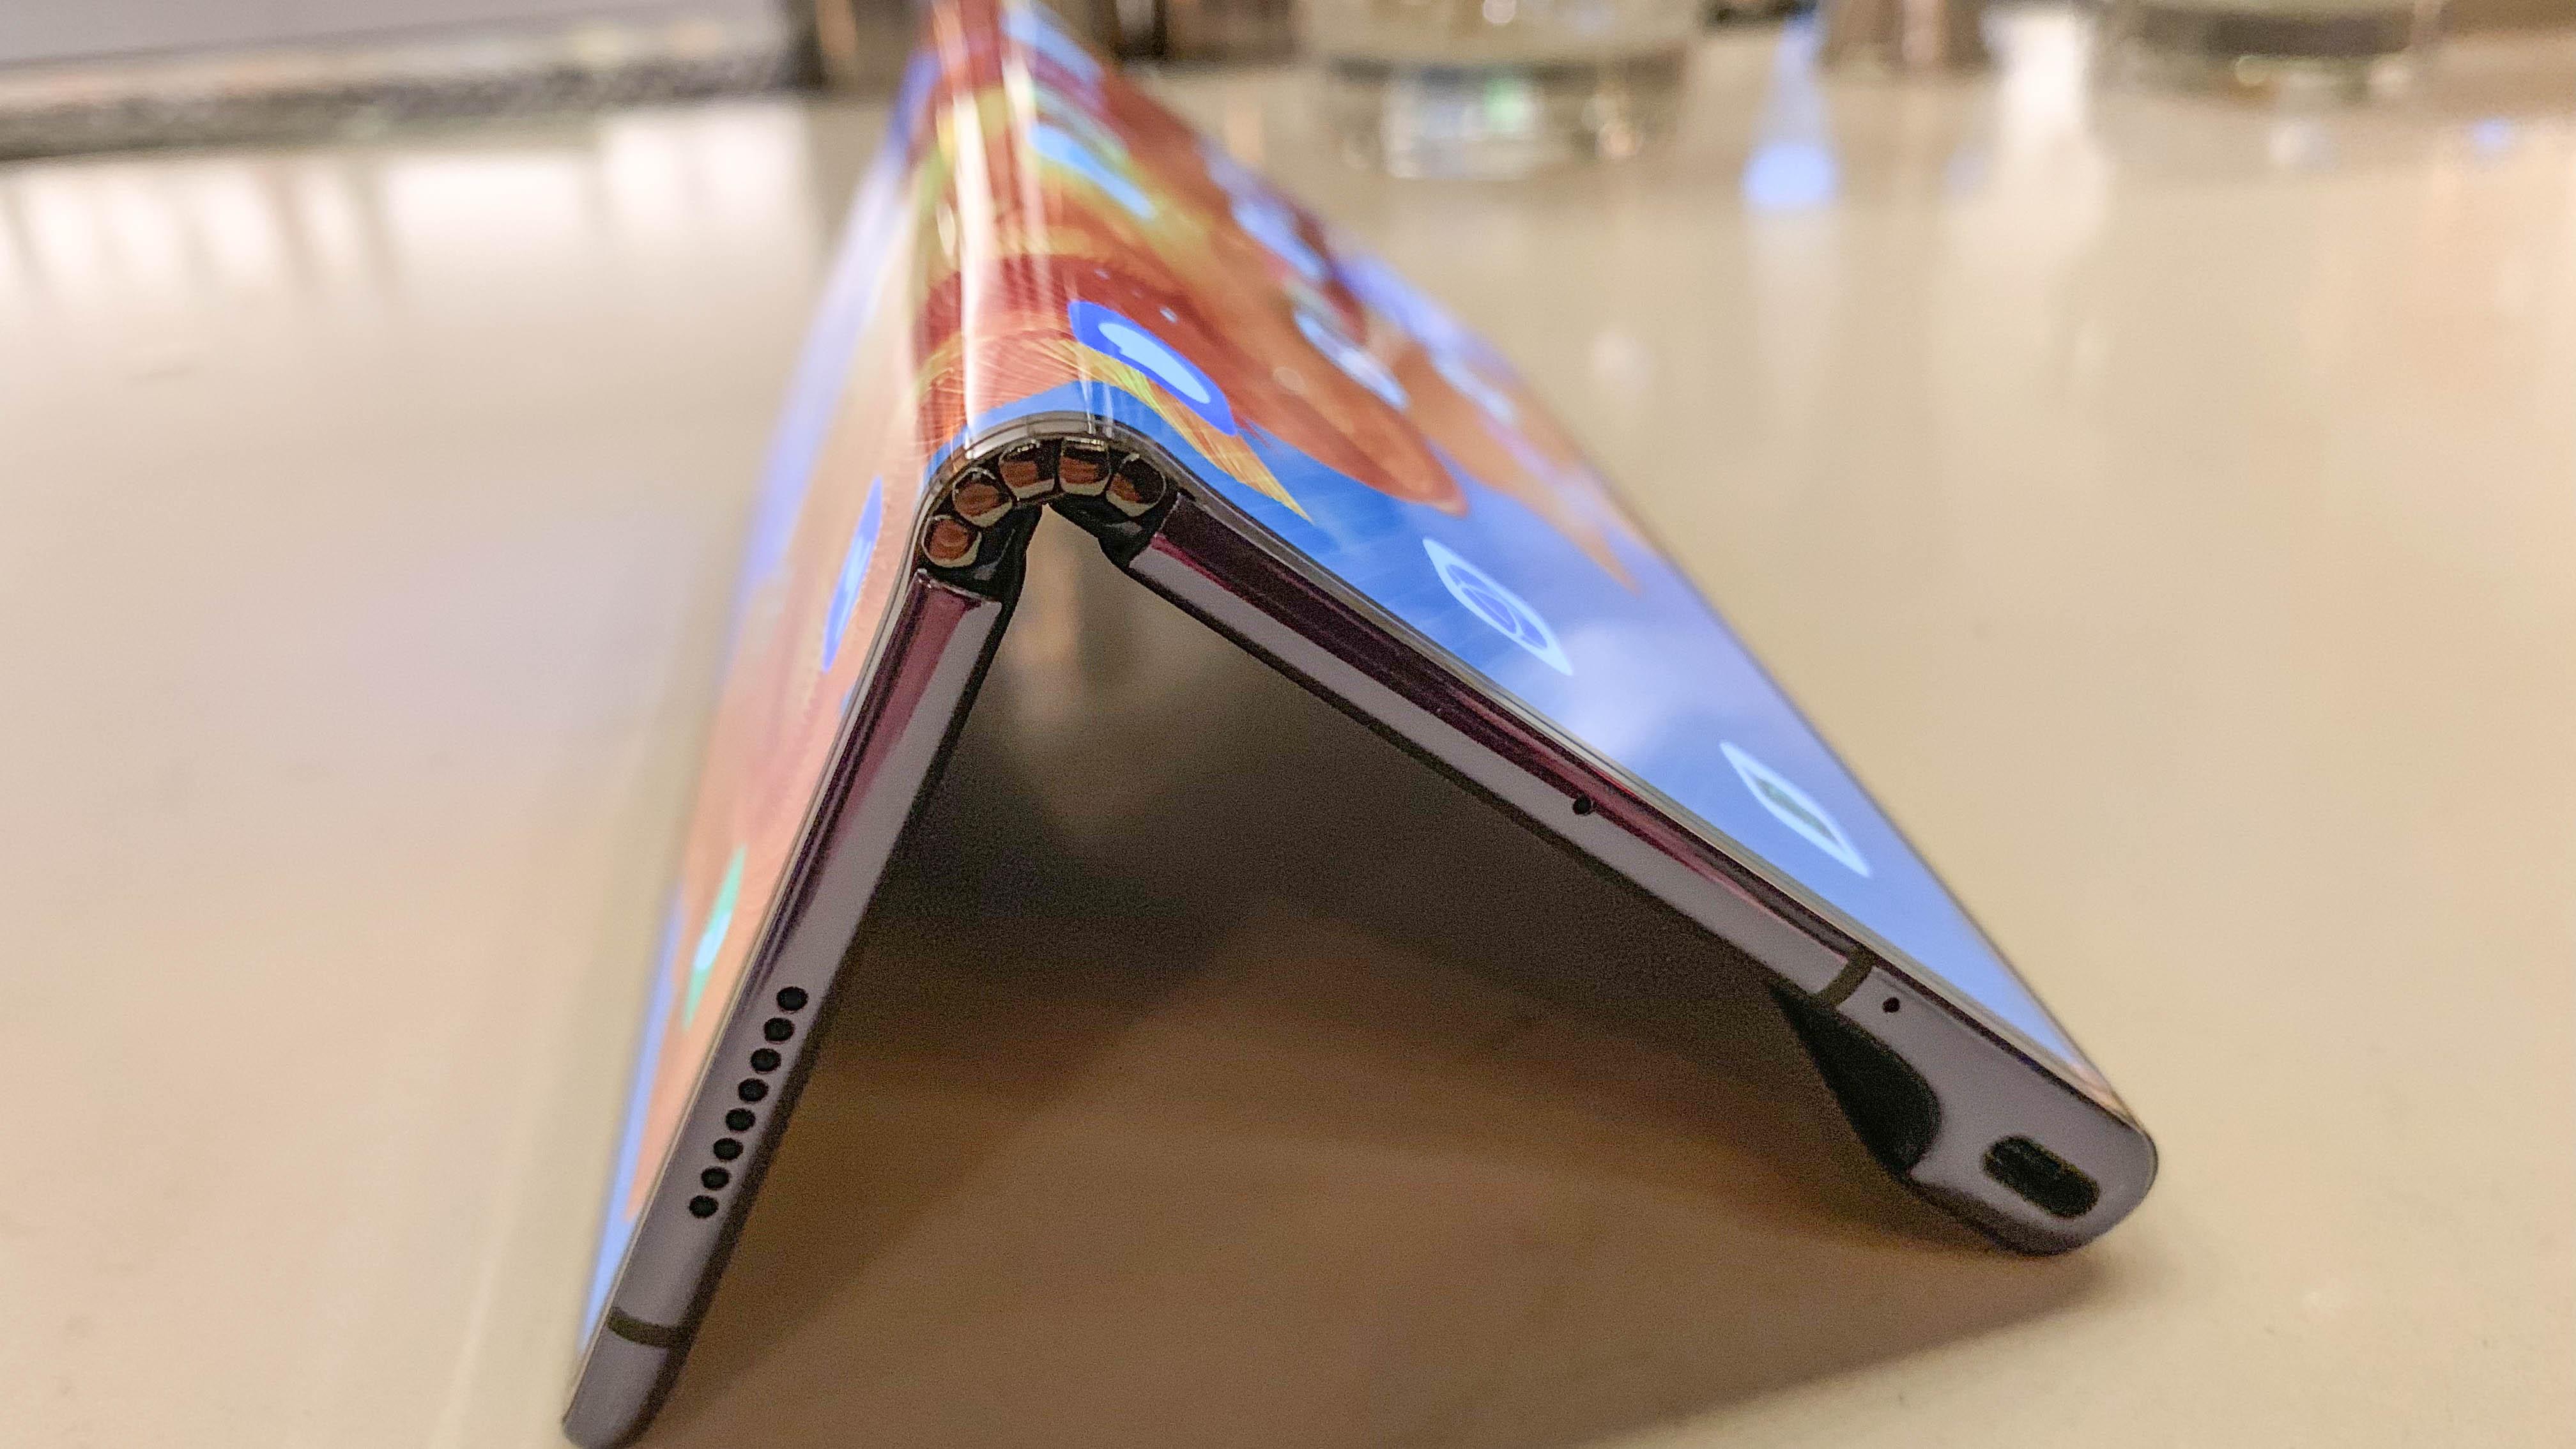 华为折叠屏手机获入网许可 下月上市有望?